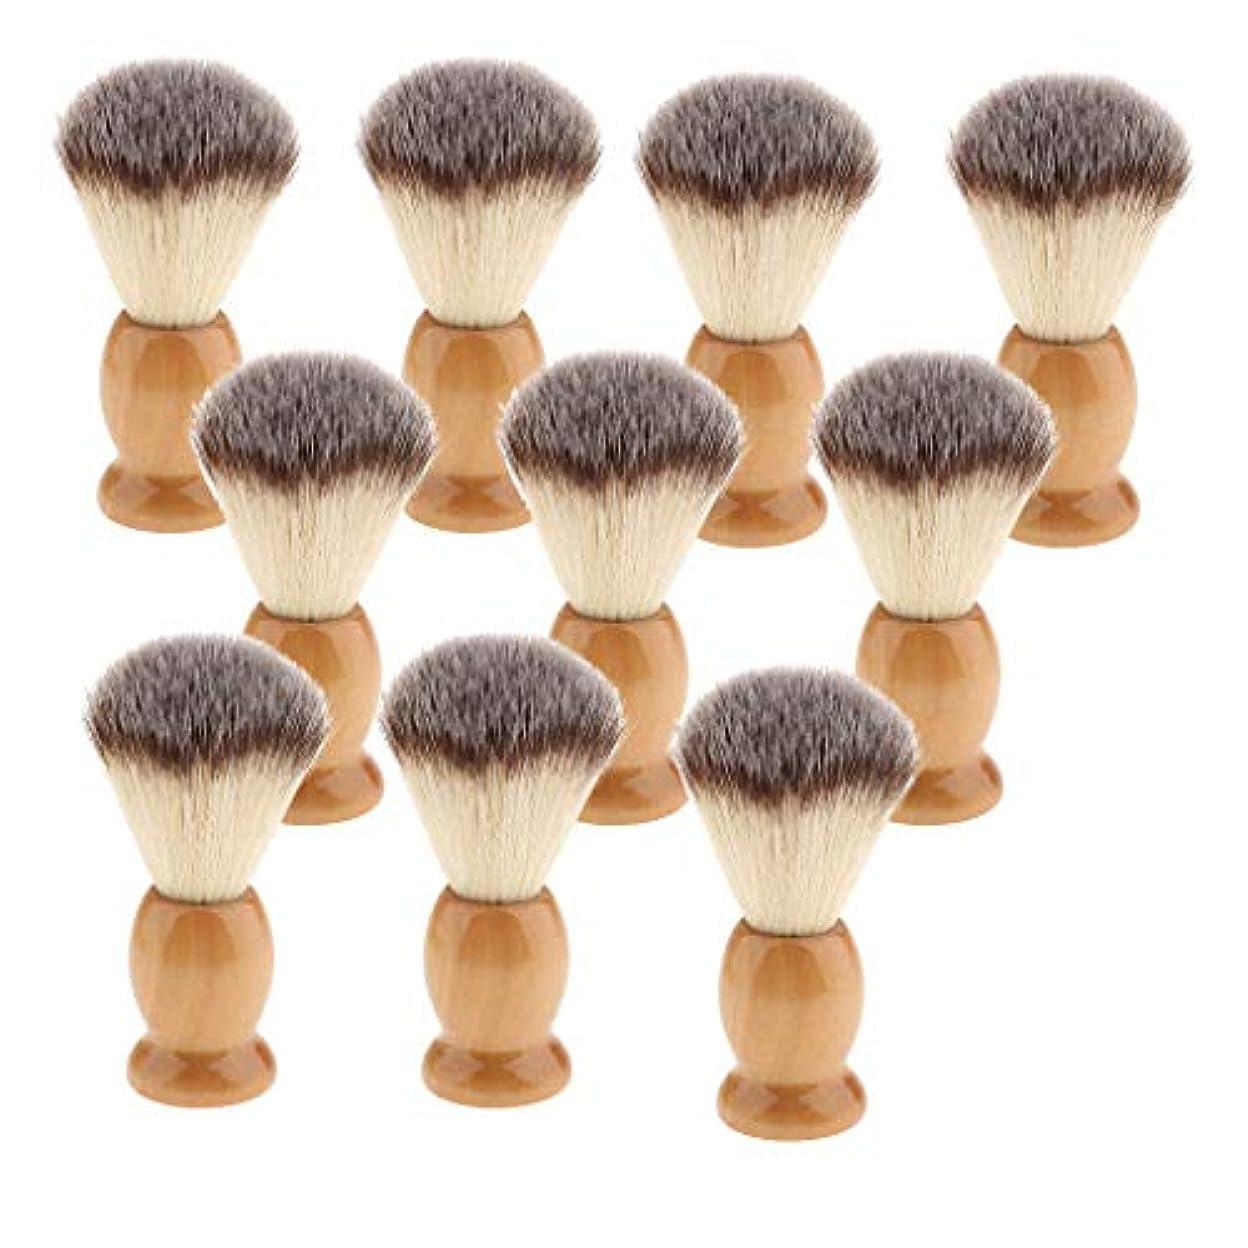 壮大ホラーはっきりとひげブラシ メンズ用 シェービングブラシ 髭剃り ブラシ アナグマ毛シェービングブラシ ギフト 10個